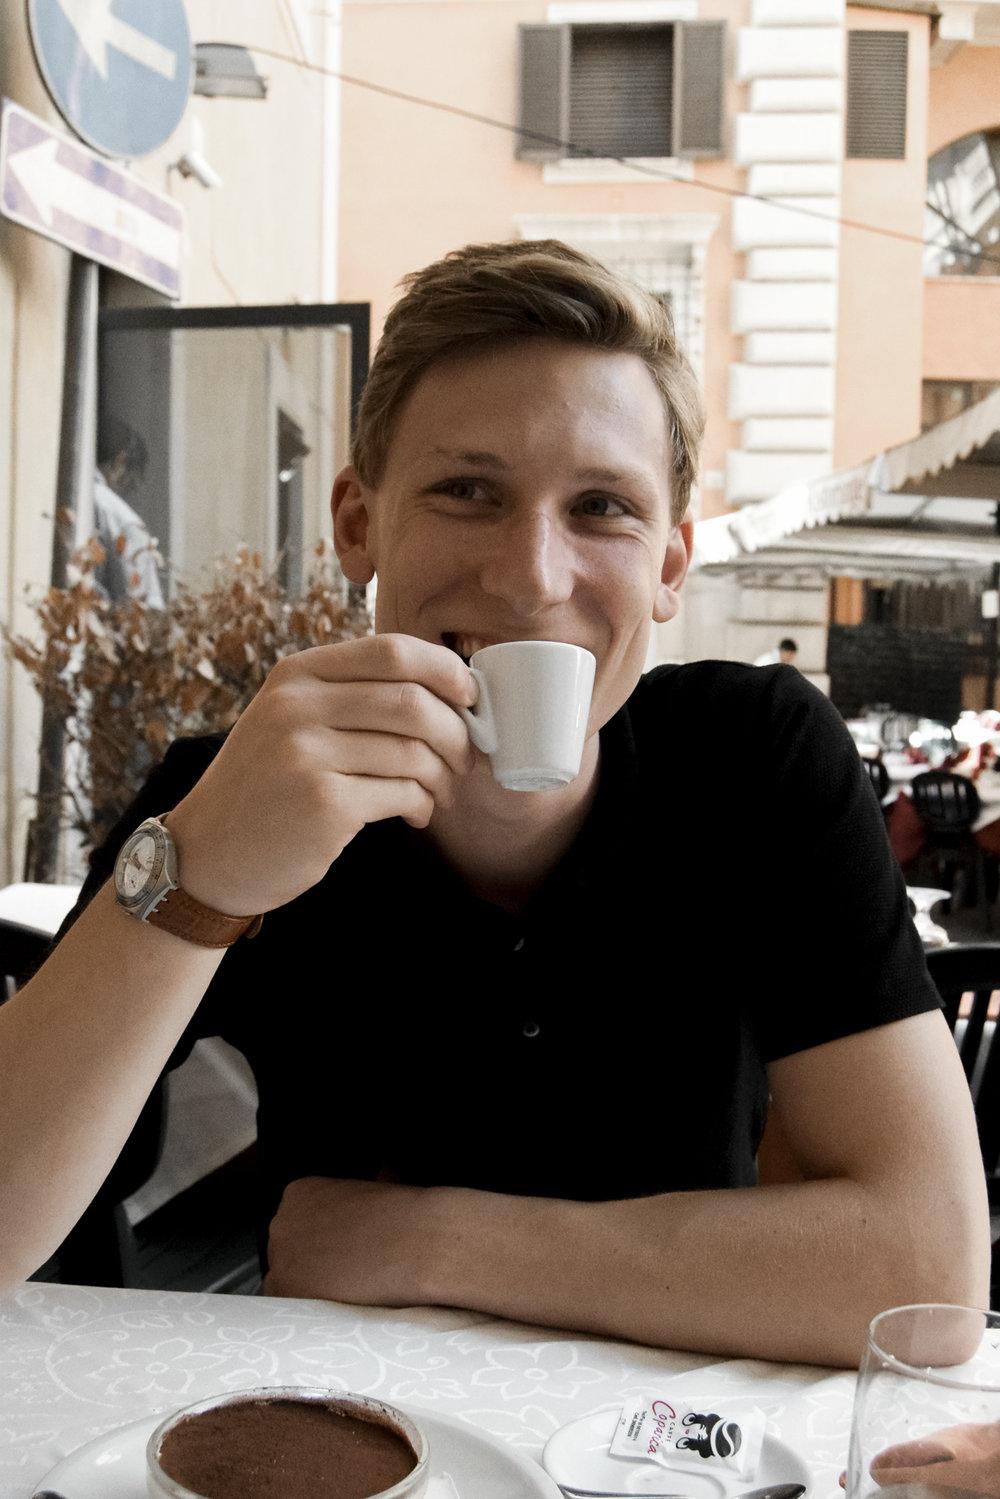 Das letzte mahl - Kurz vor unserer Abreise vom Bahnhof um 19 Uhr gönnten wir uns noch ein letztes italienisches Essen – inklusive Kaffee für Paul. Diesen wird er wohl besonders vermissen.